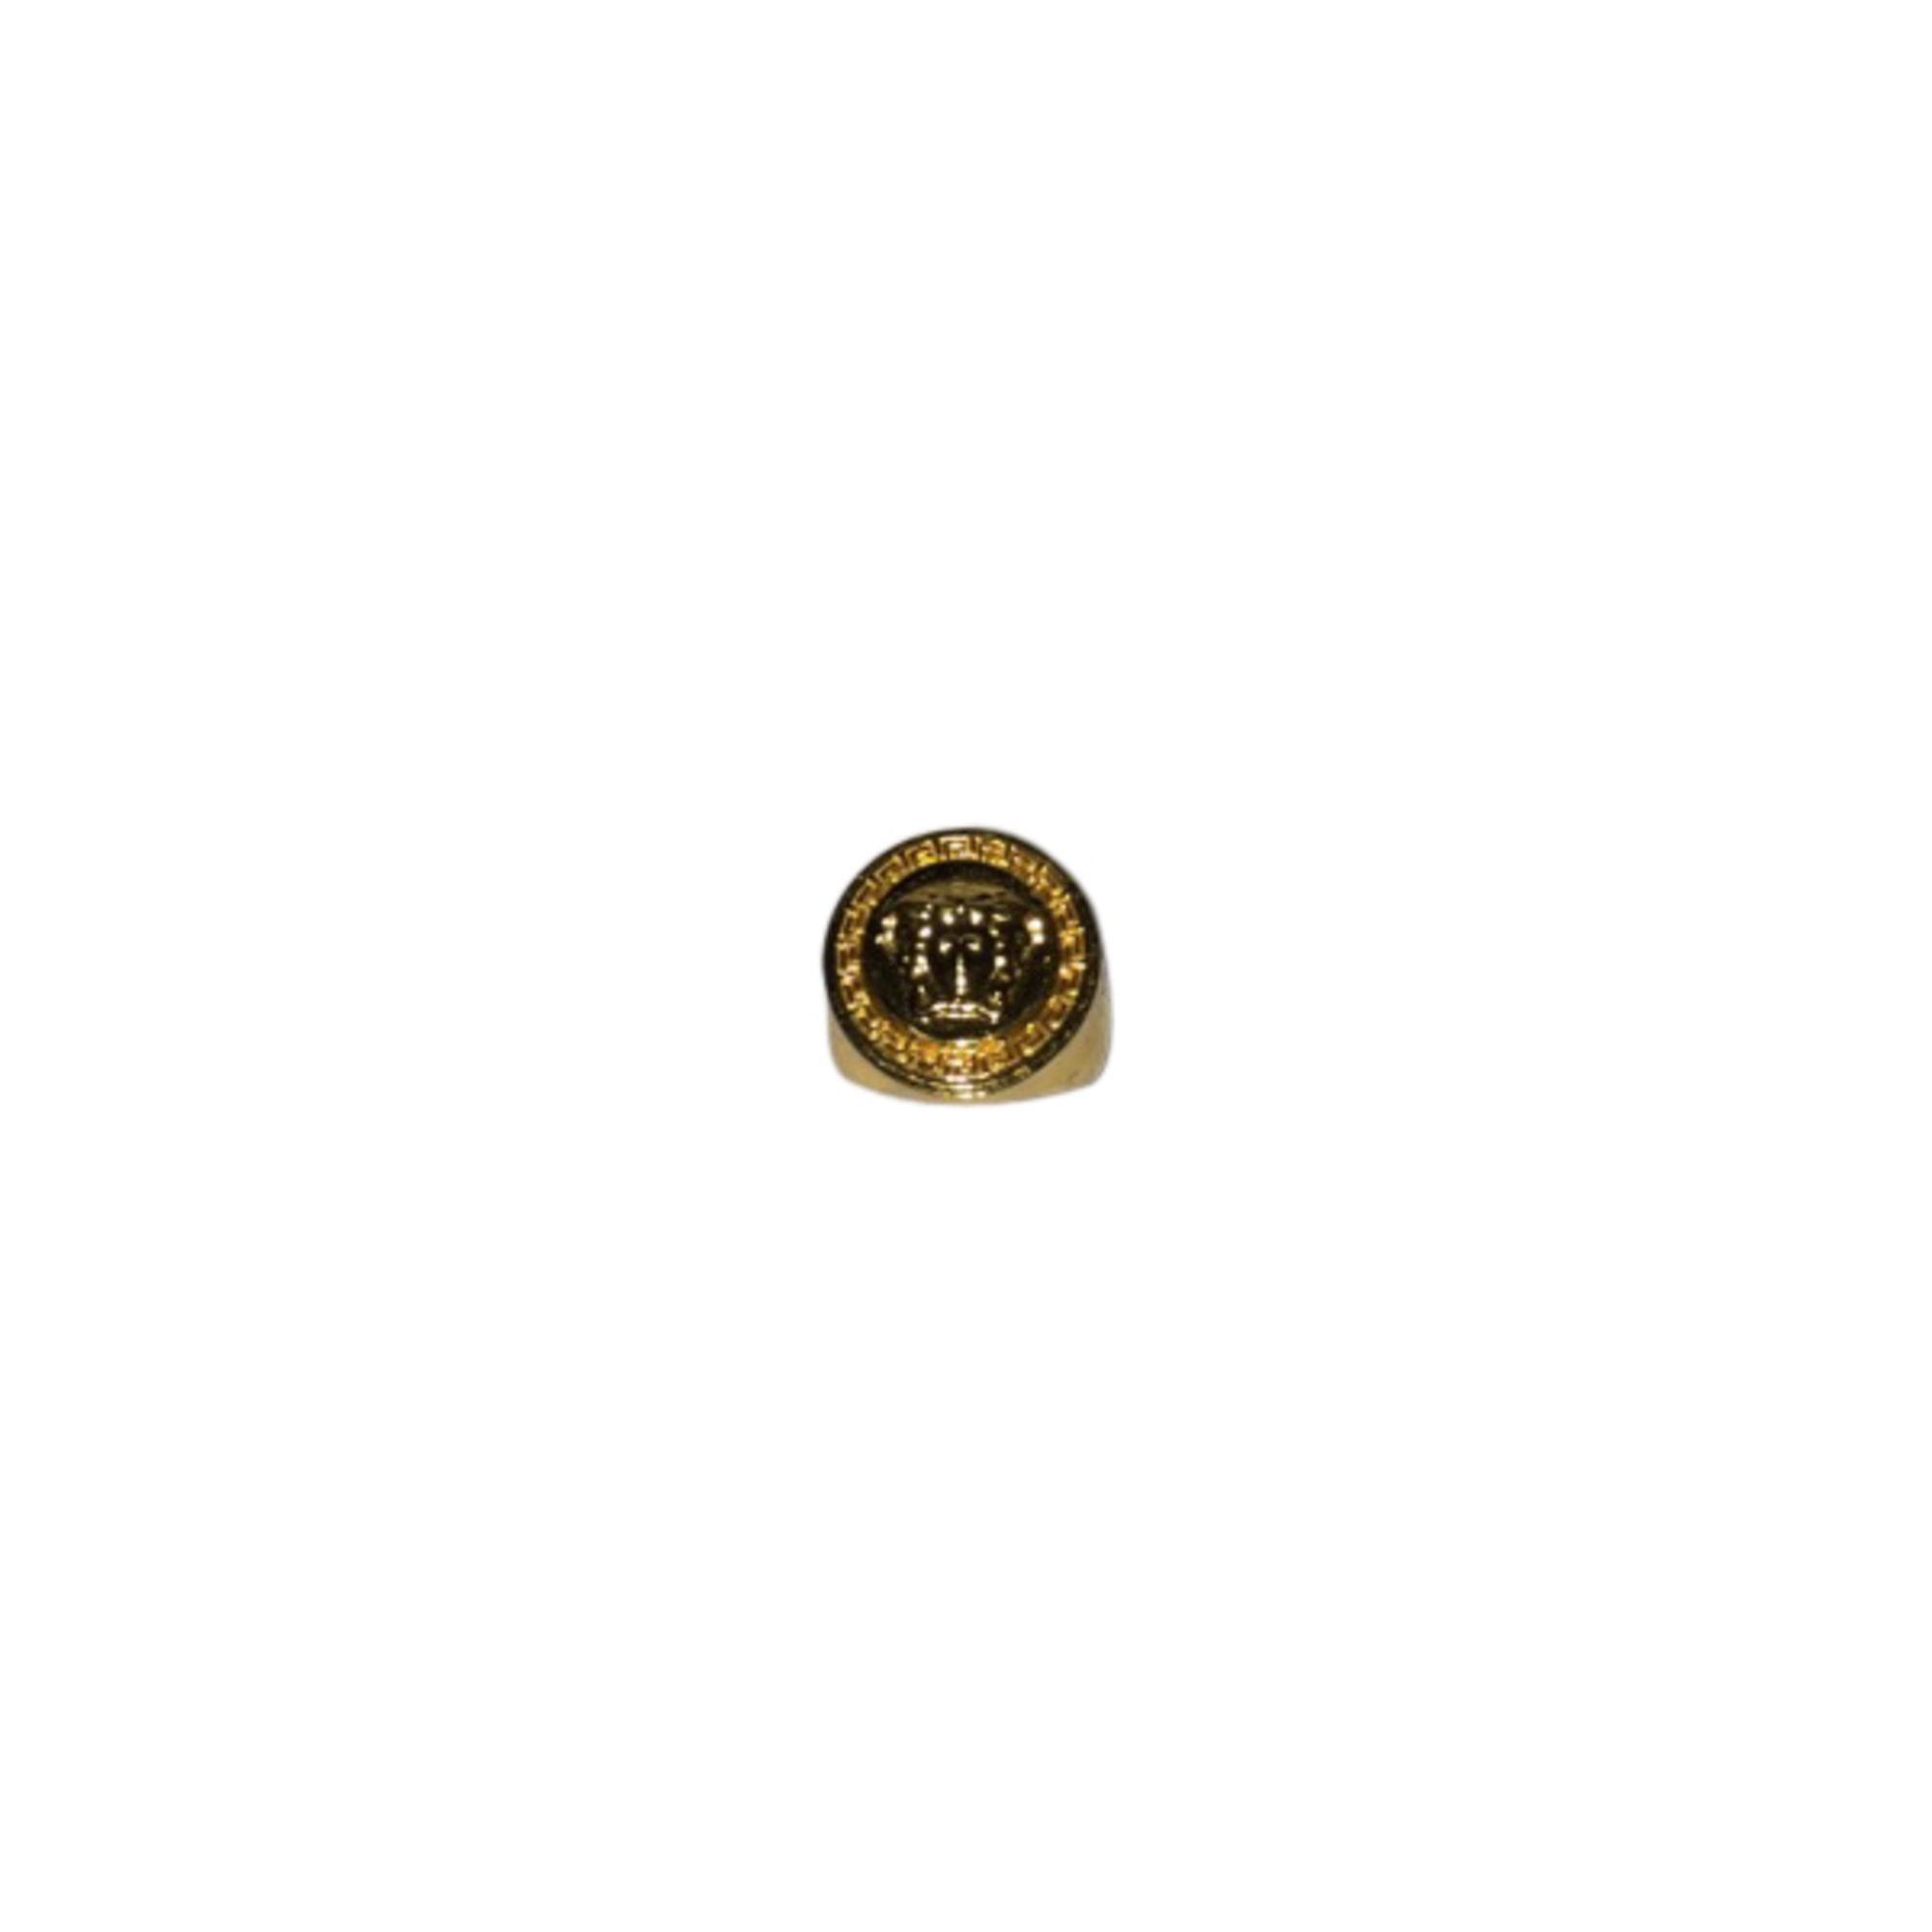 Bague VERSACE 58 vendu par D antoine 7253621 - 2791461 b7241f77bd0